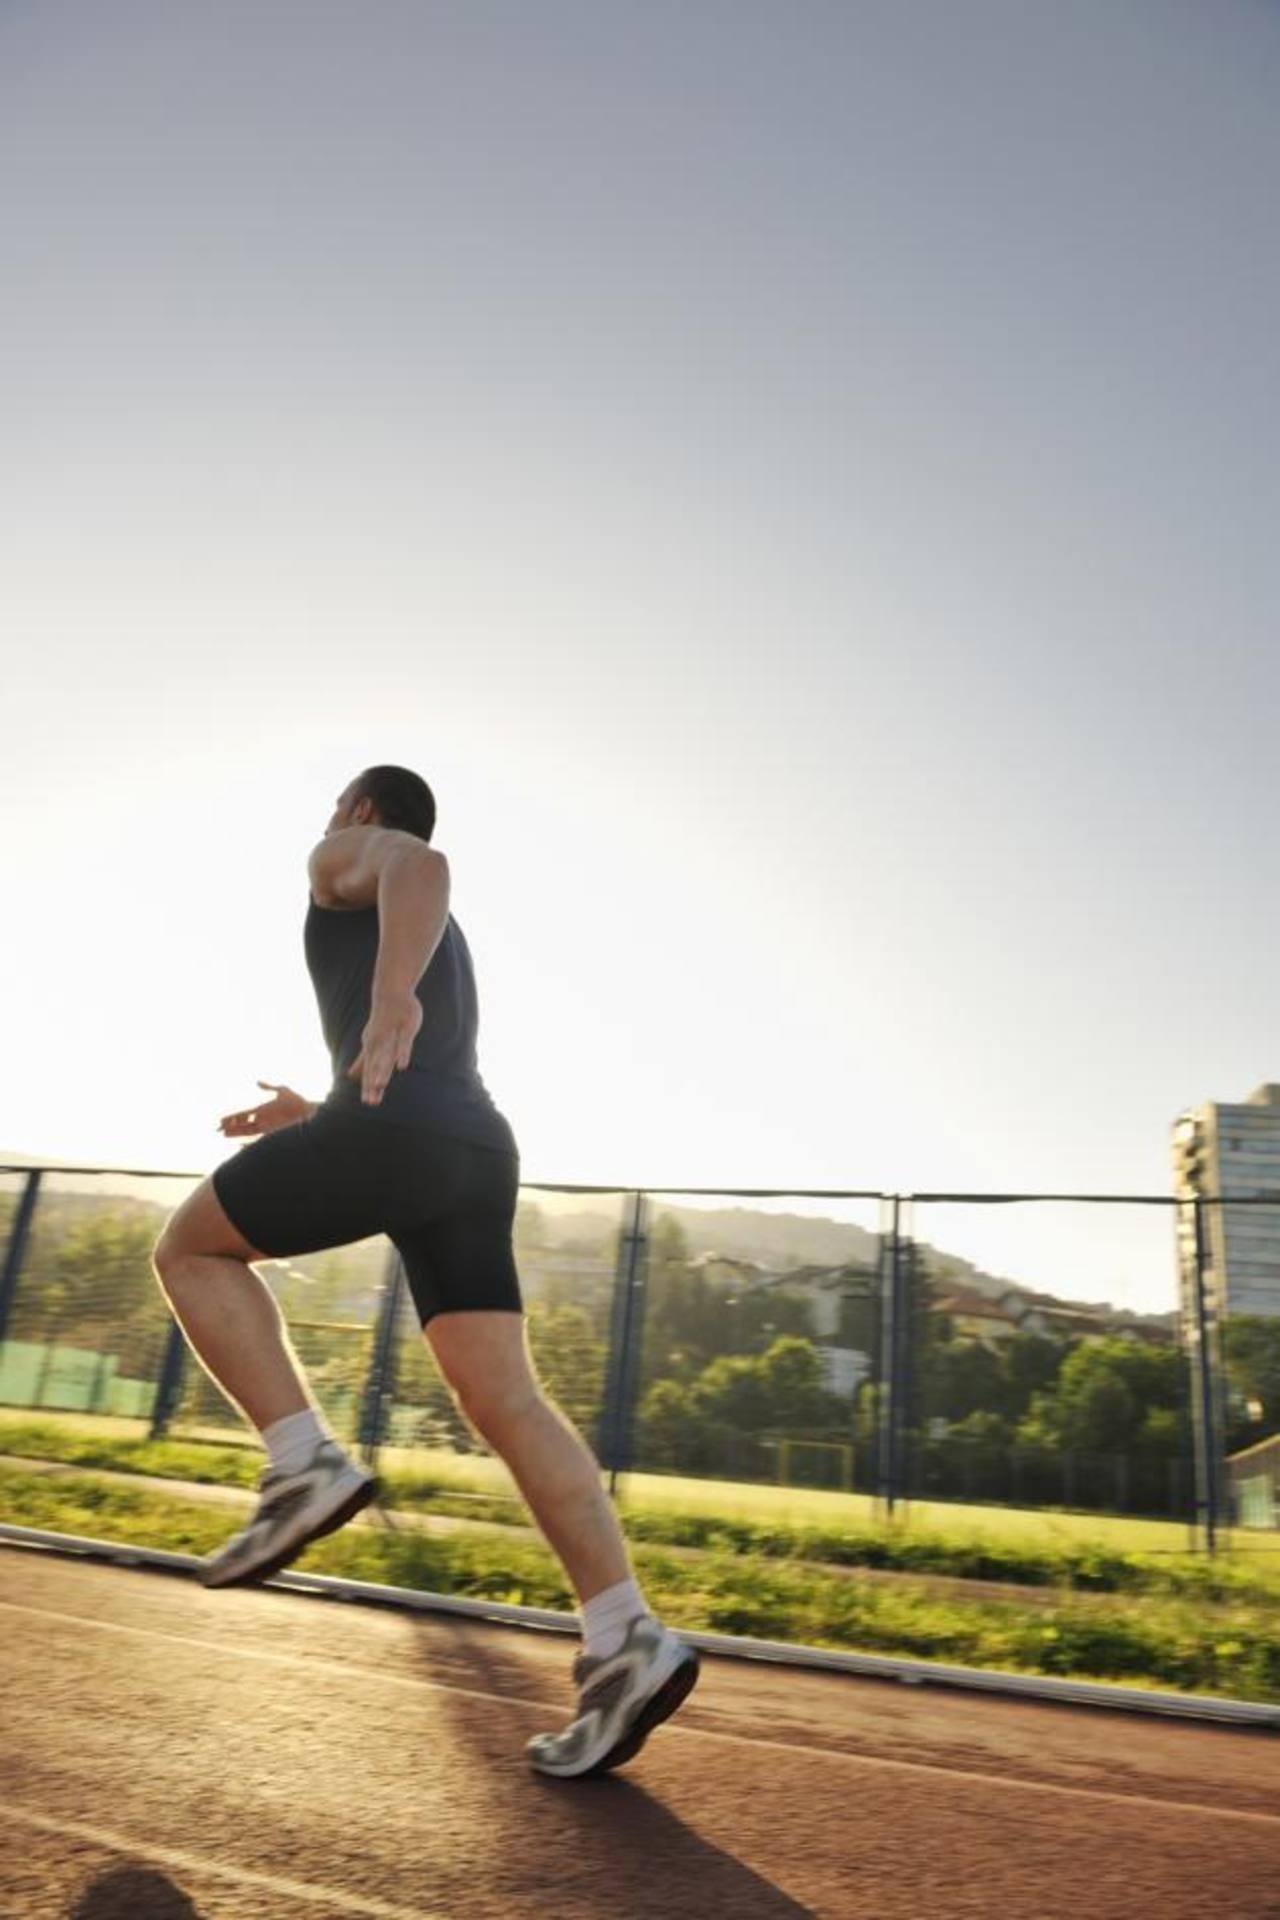 La actividad física varias veces a la semana ayuda a prevenir la obesidad y enfermedades del corazón.